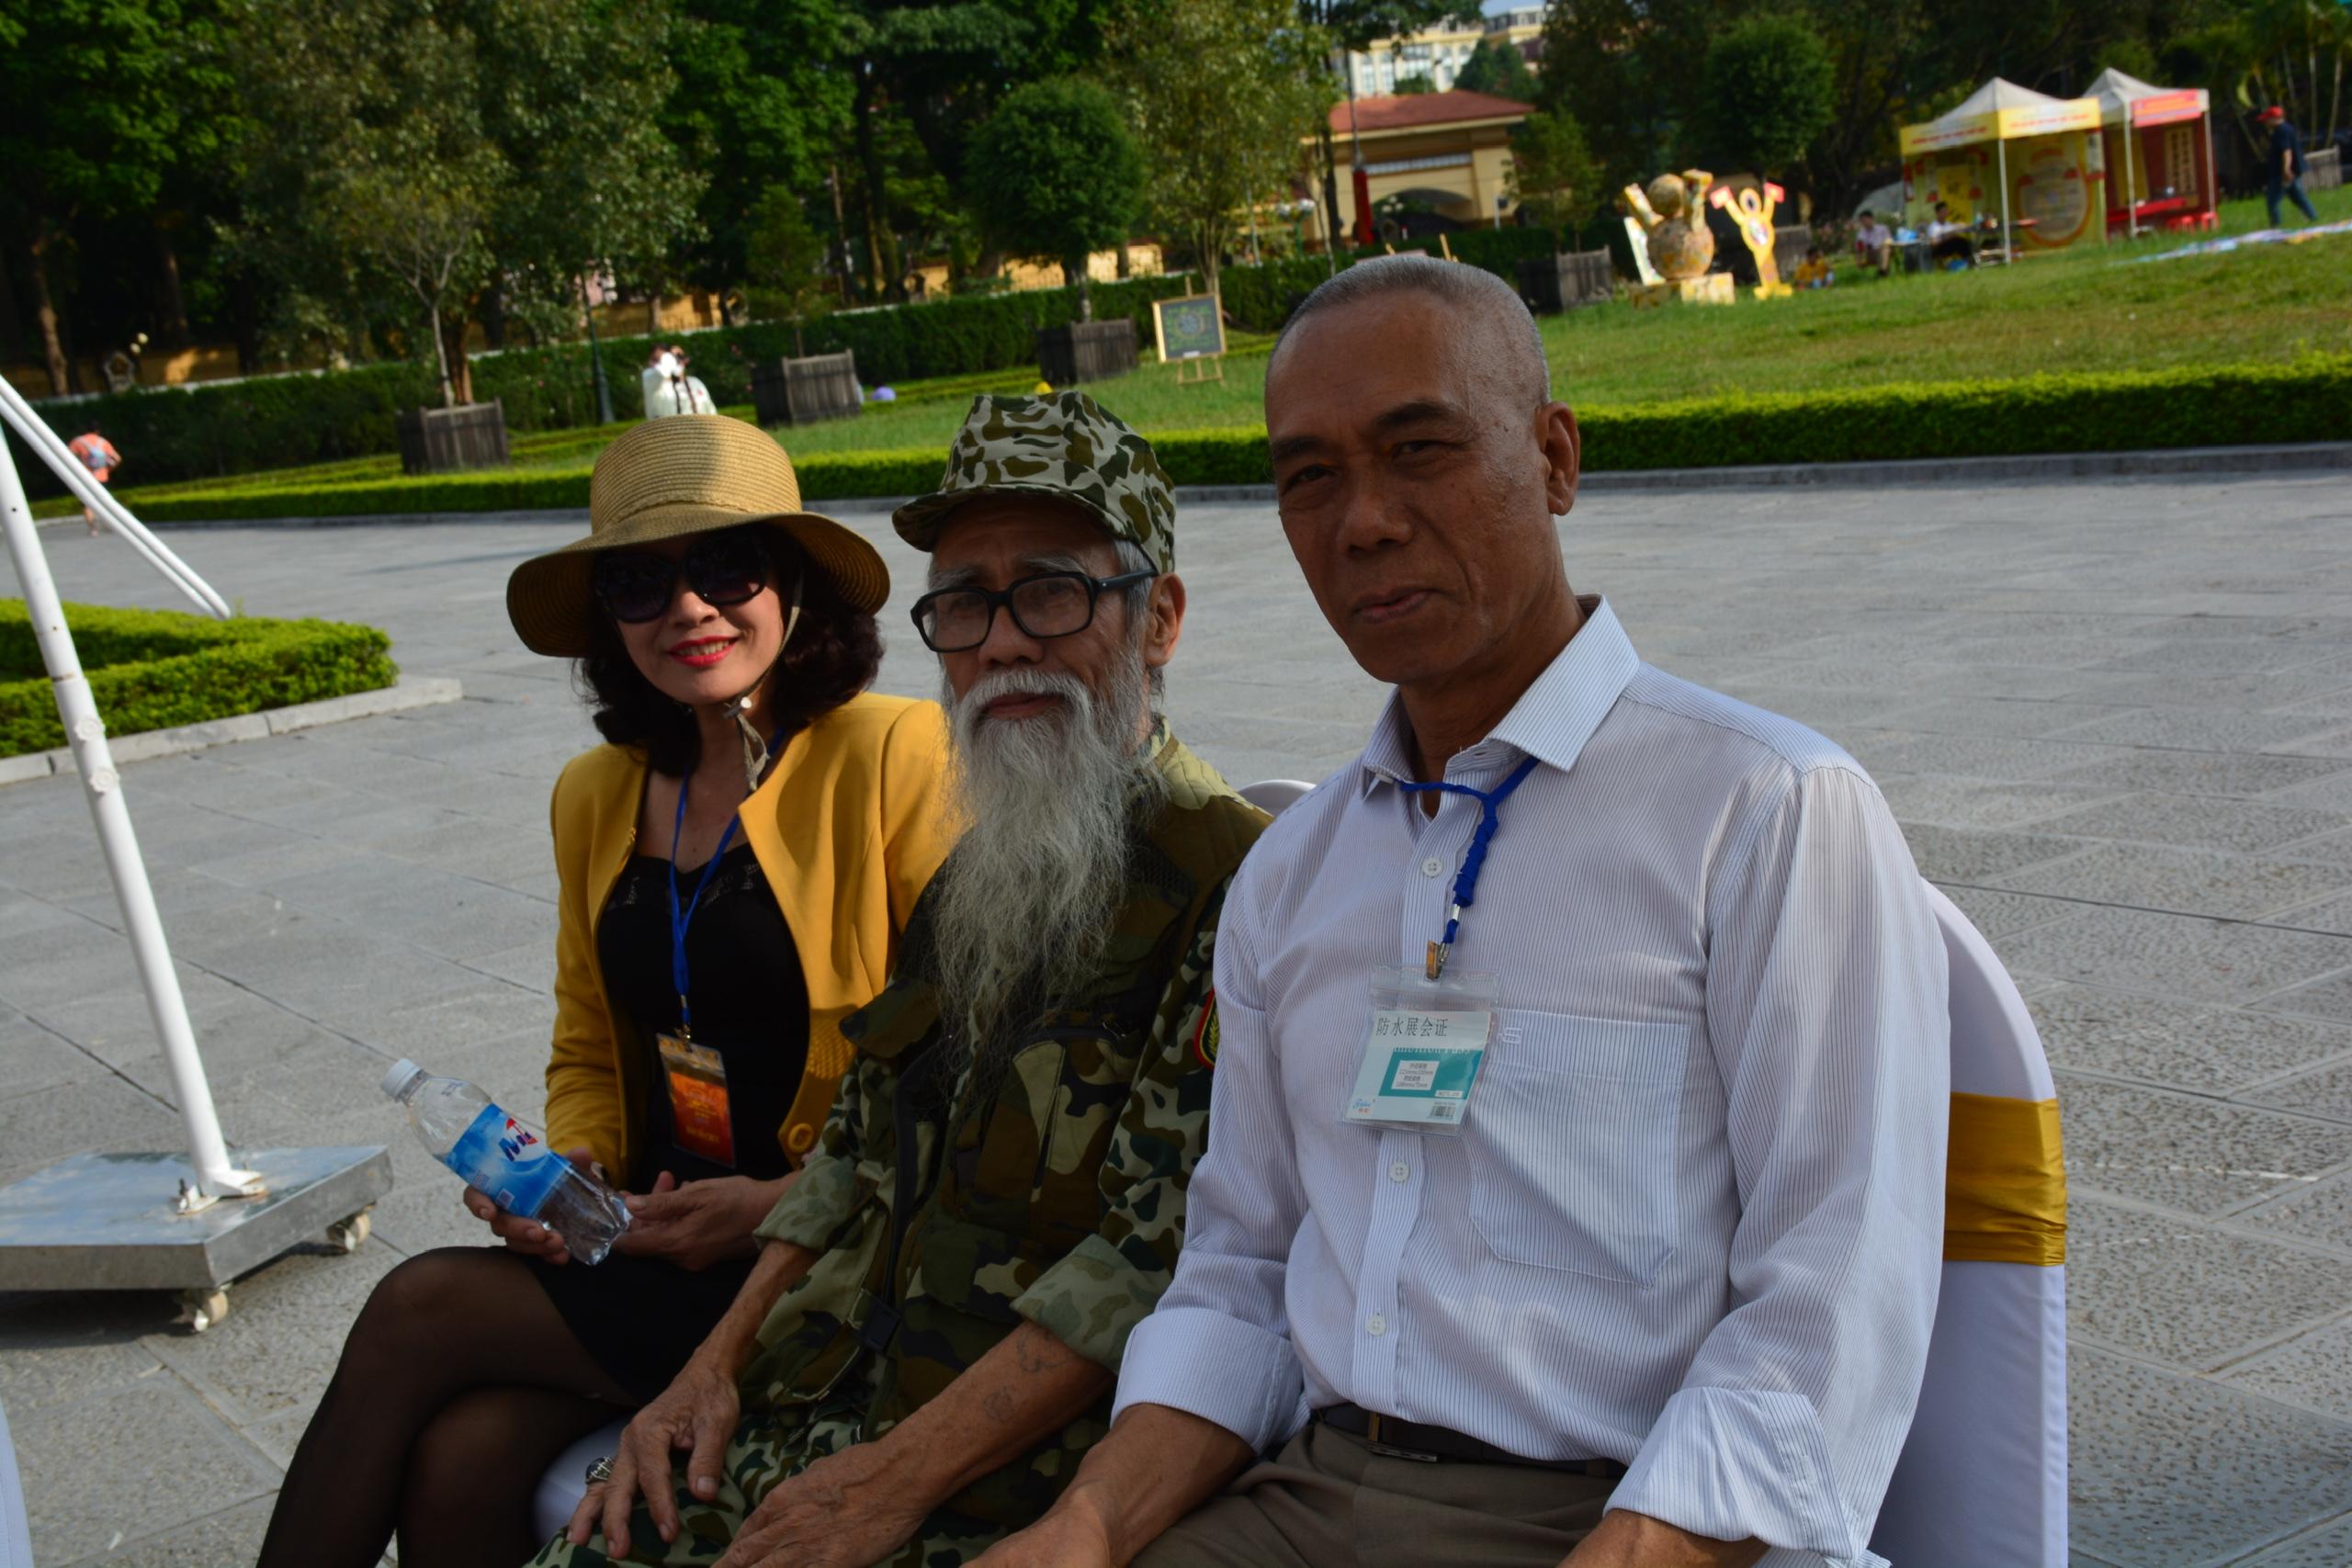 Võ sư Trần  Ngọc Dũng – Chánh văn phòng Trung tâm Unesco Phát triển Văn hóa và Thể thao.